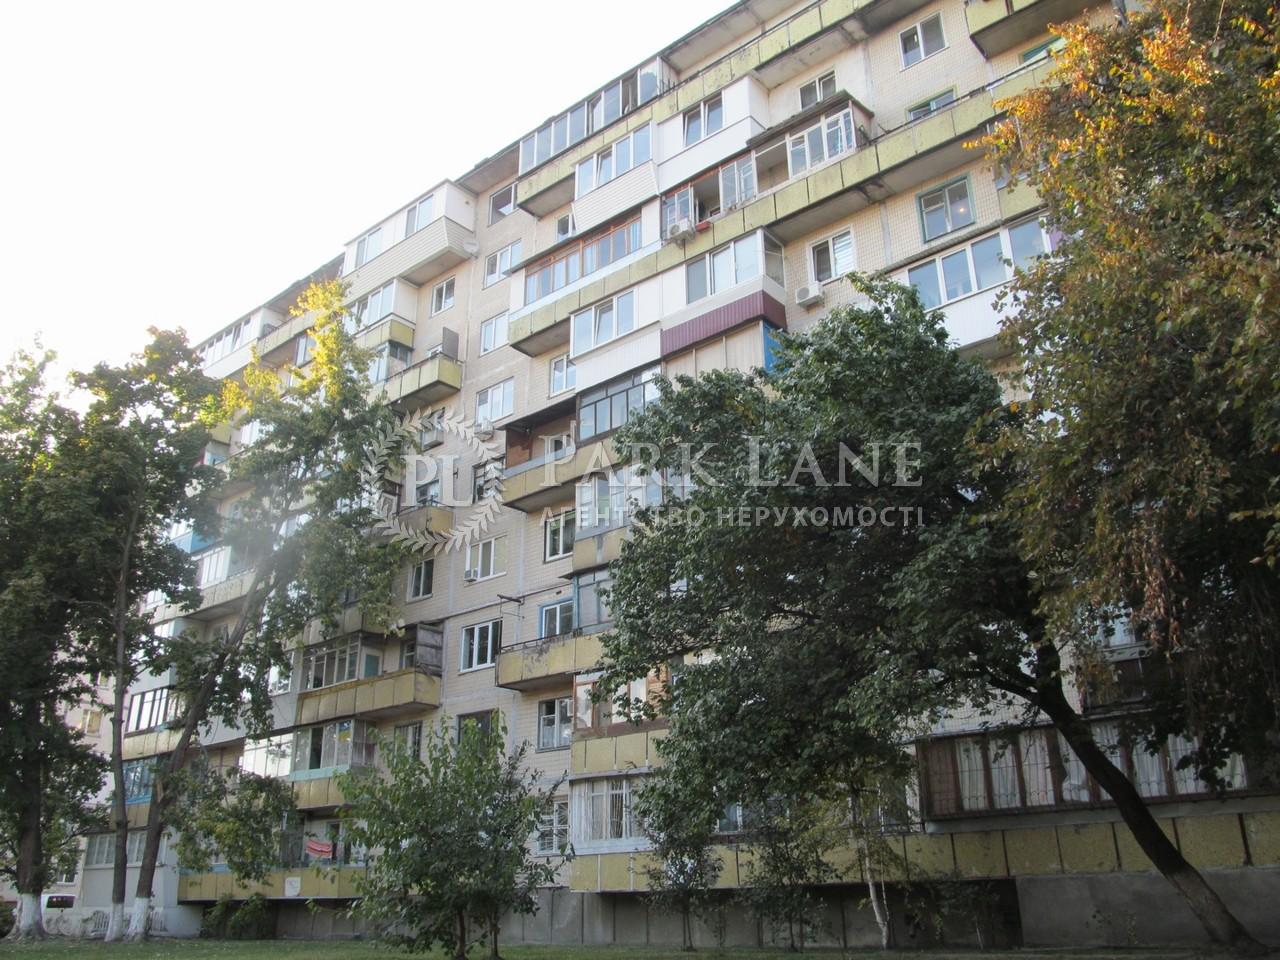 Квартира ул. Светлицкого, 24, Киев, B-95841 - Фото 1